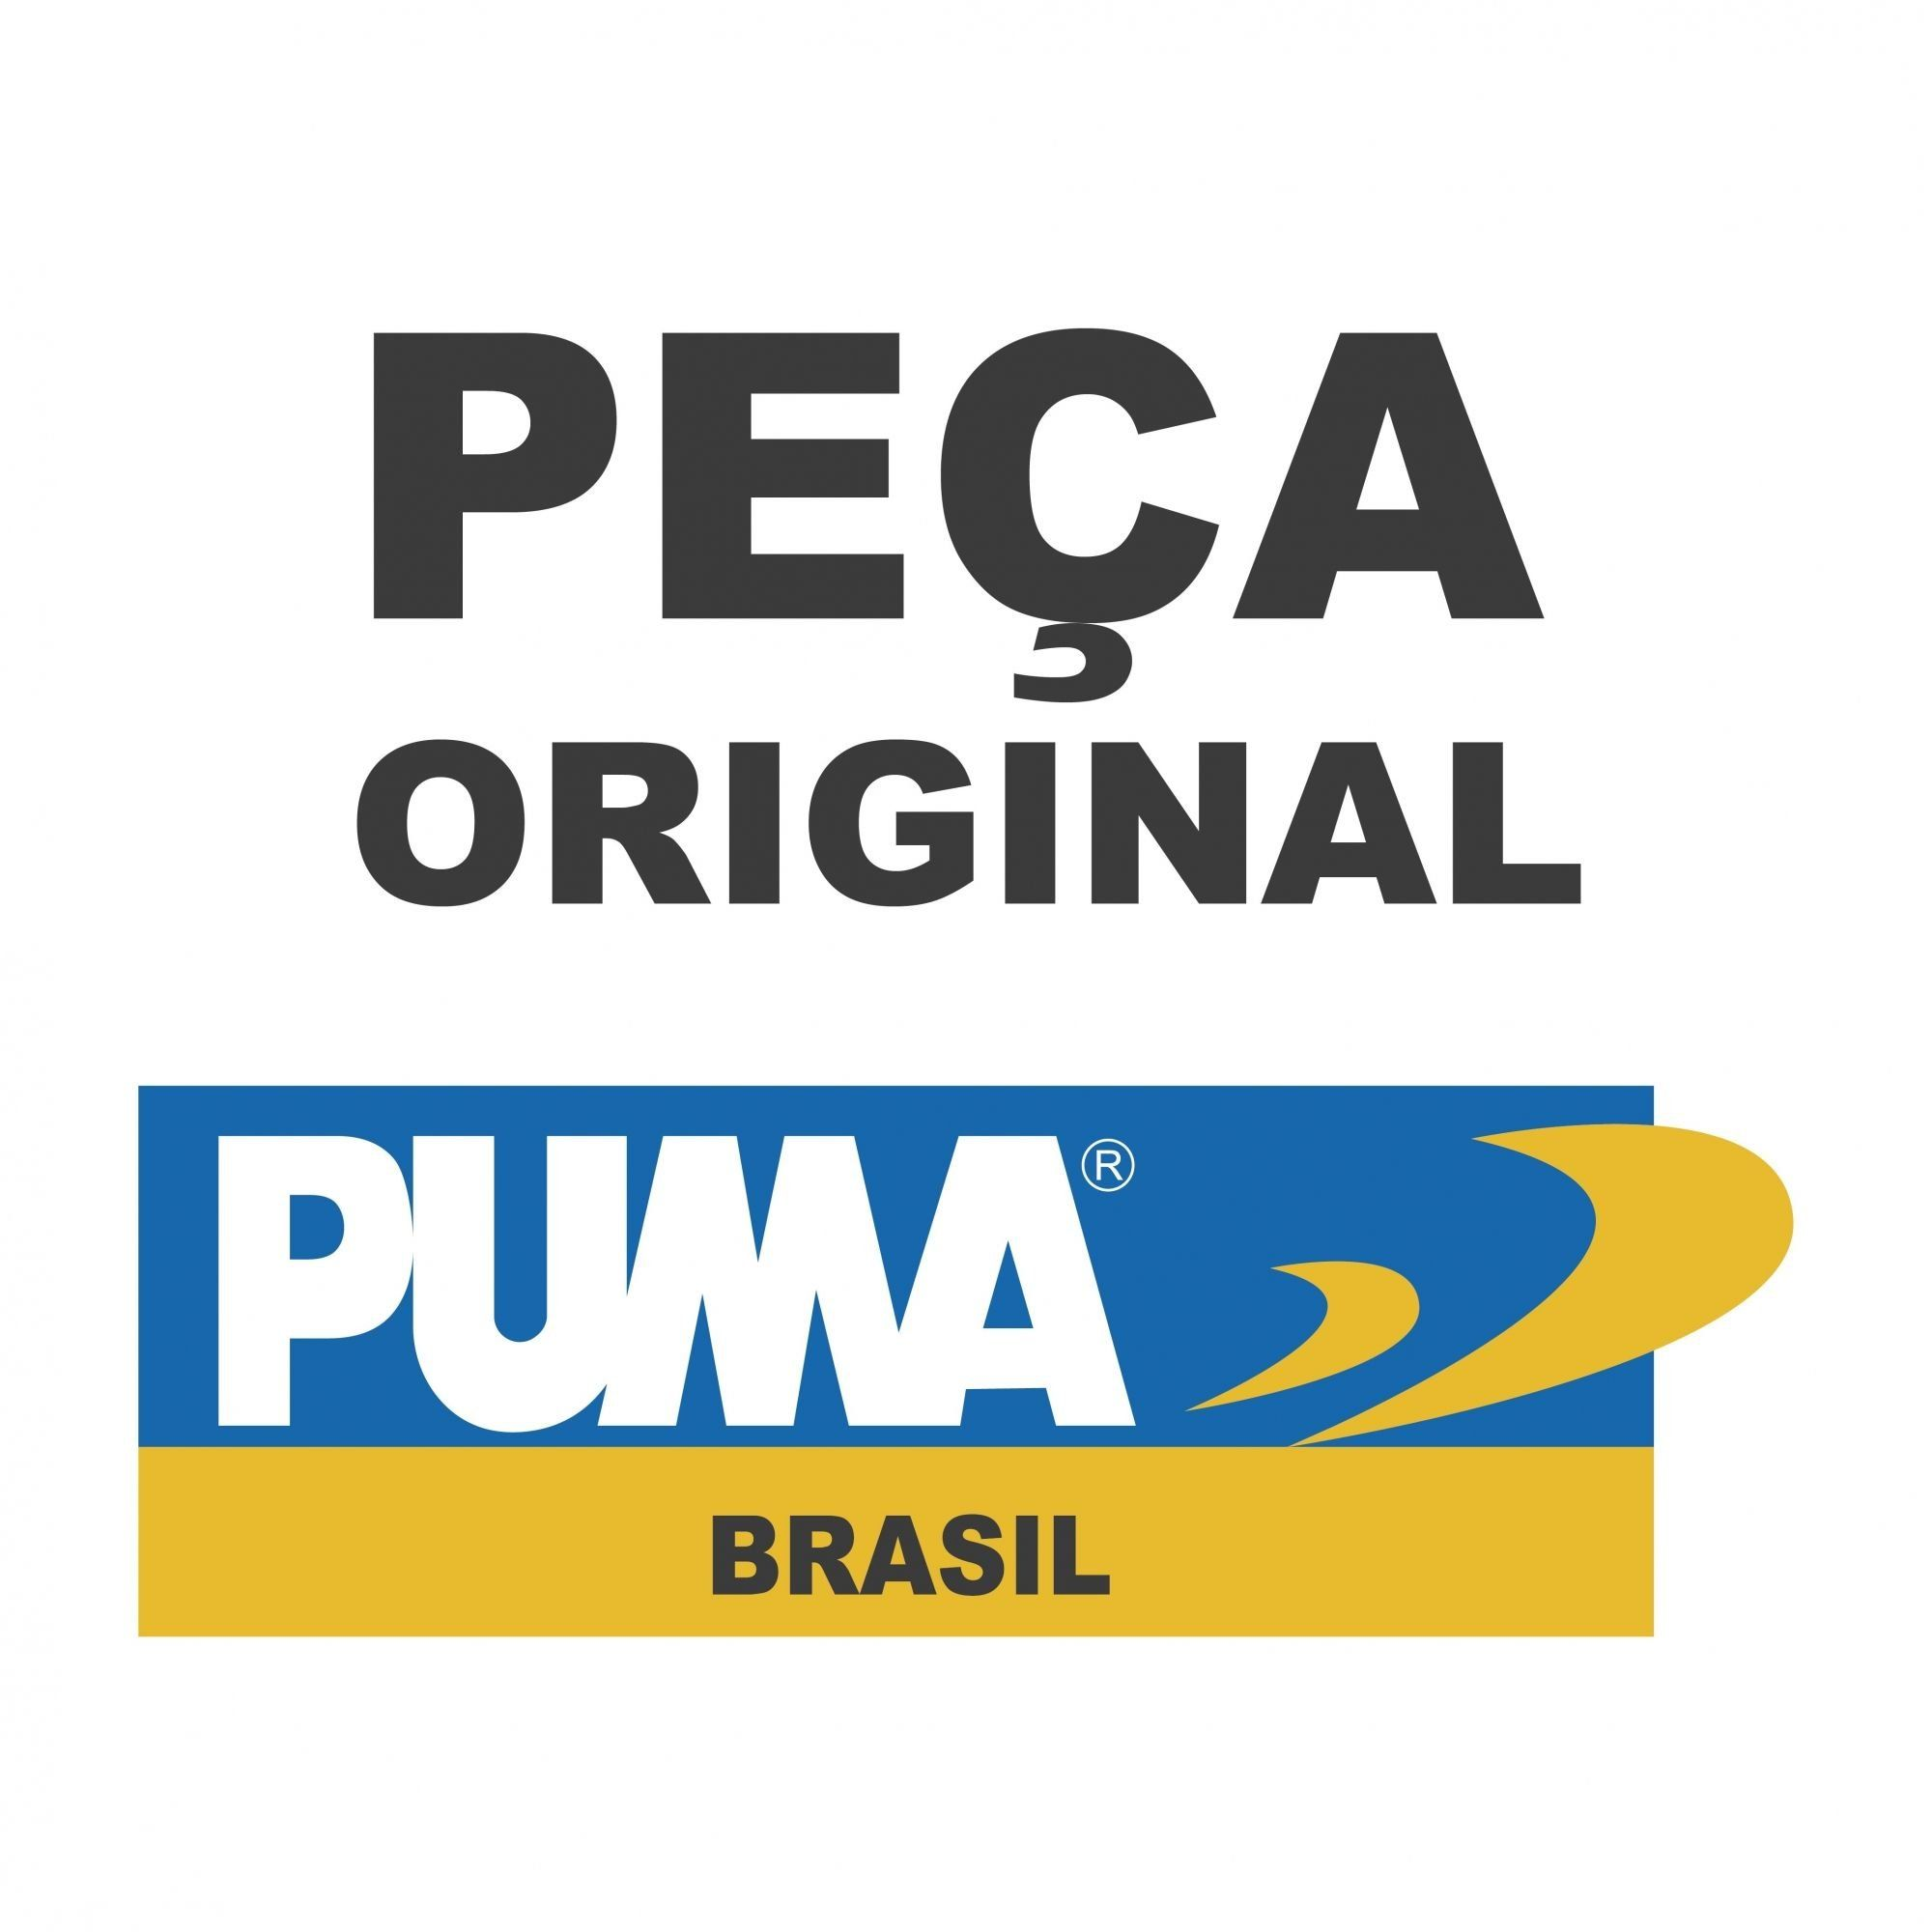 O'RING - PEÇA PNEUMÁTICA PUMA - T7037I-32